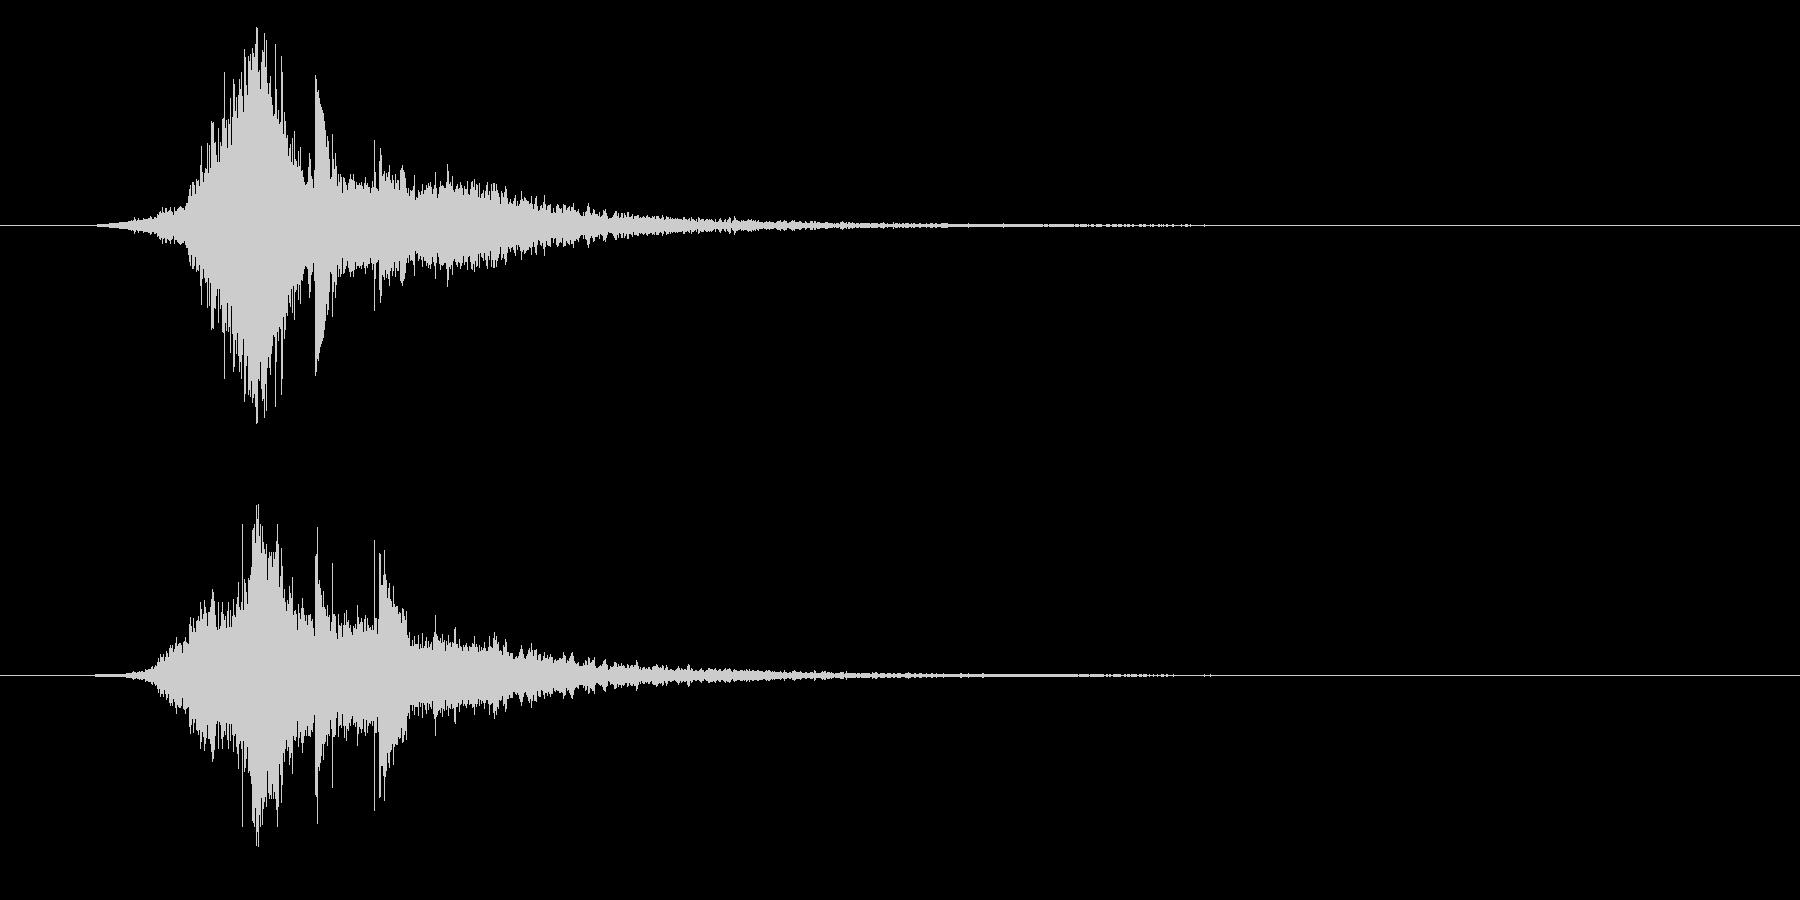 サウンドロゴ、起動音、クールな電子音の未再生の波形